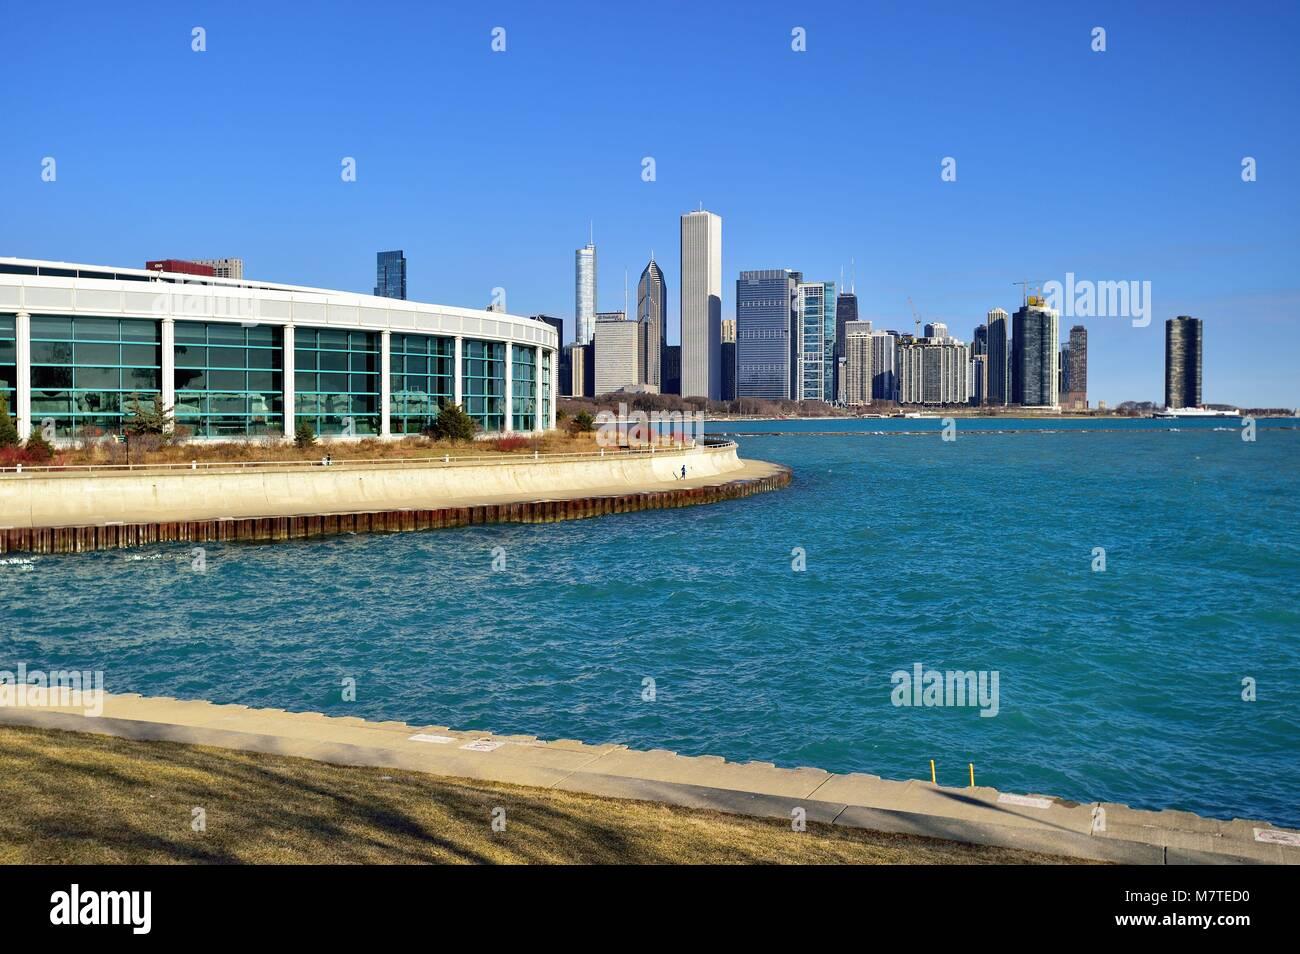 Chicago, Illinois, USA. The Shedd Aquarium (formally the John G. Shedd Aquarium) is an indoor public aquarium in - Stock Image